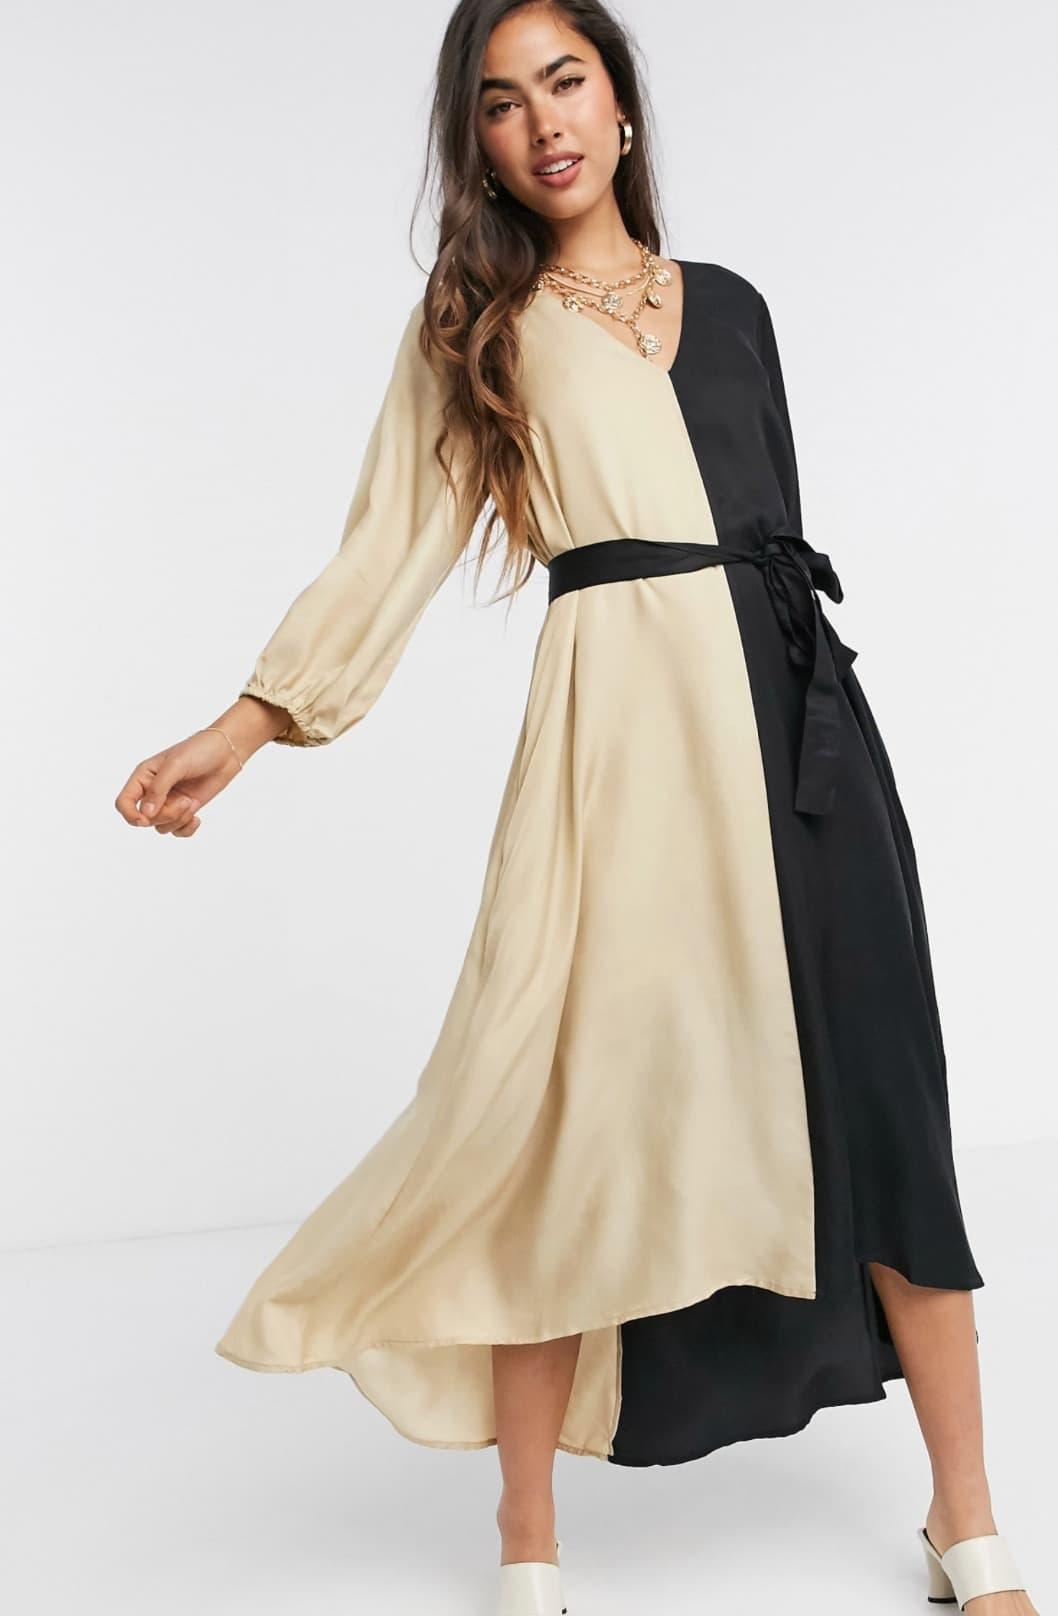 Vestido holgado con diseño en contraste monocromático Lorah de Gestuz